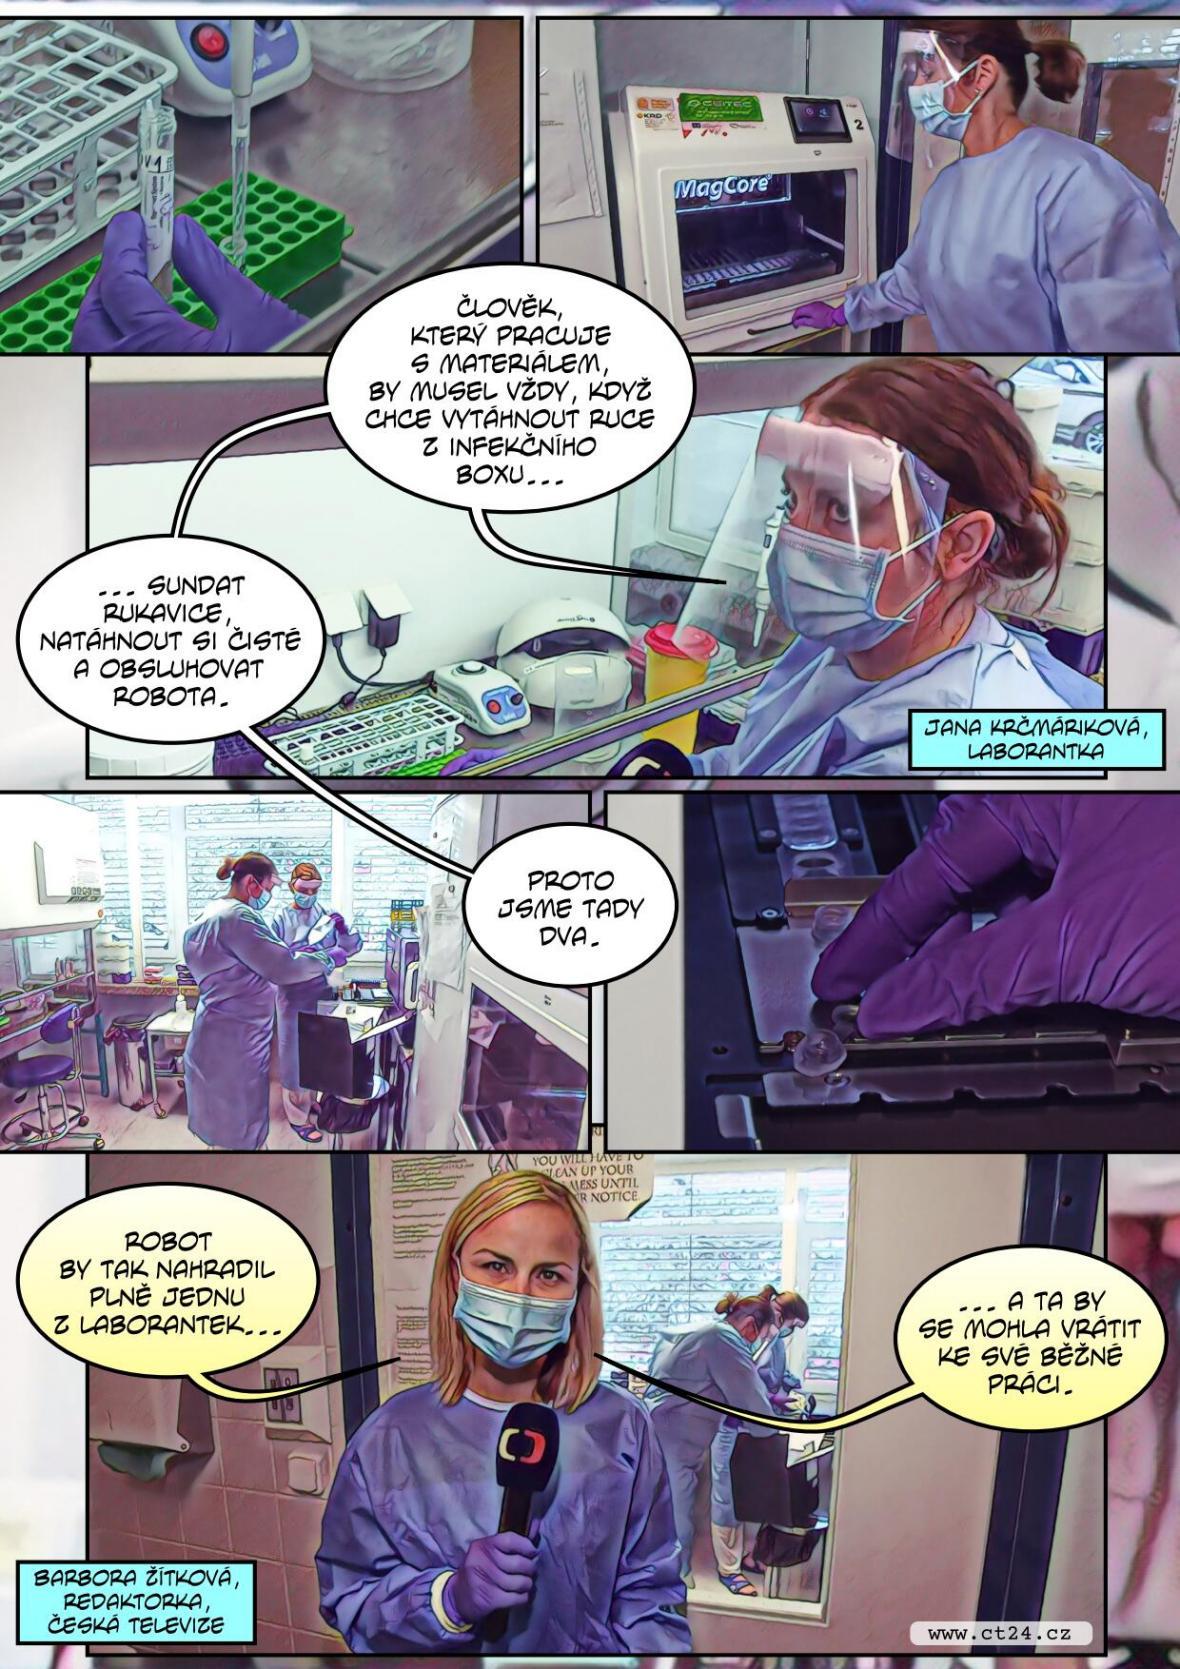 Místo laborantů robot